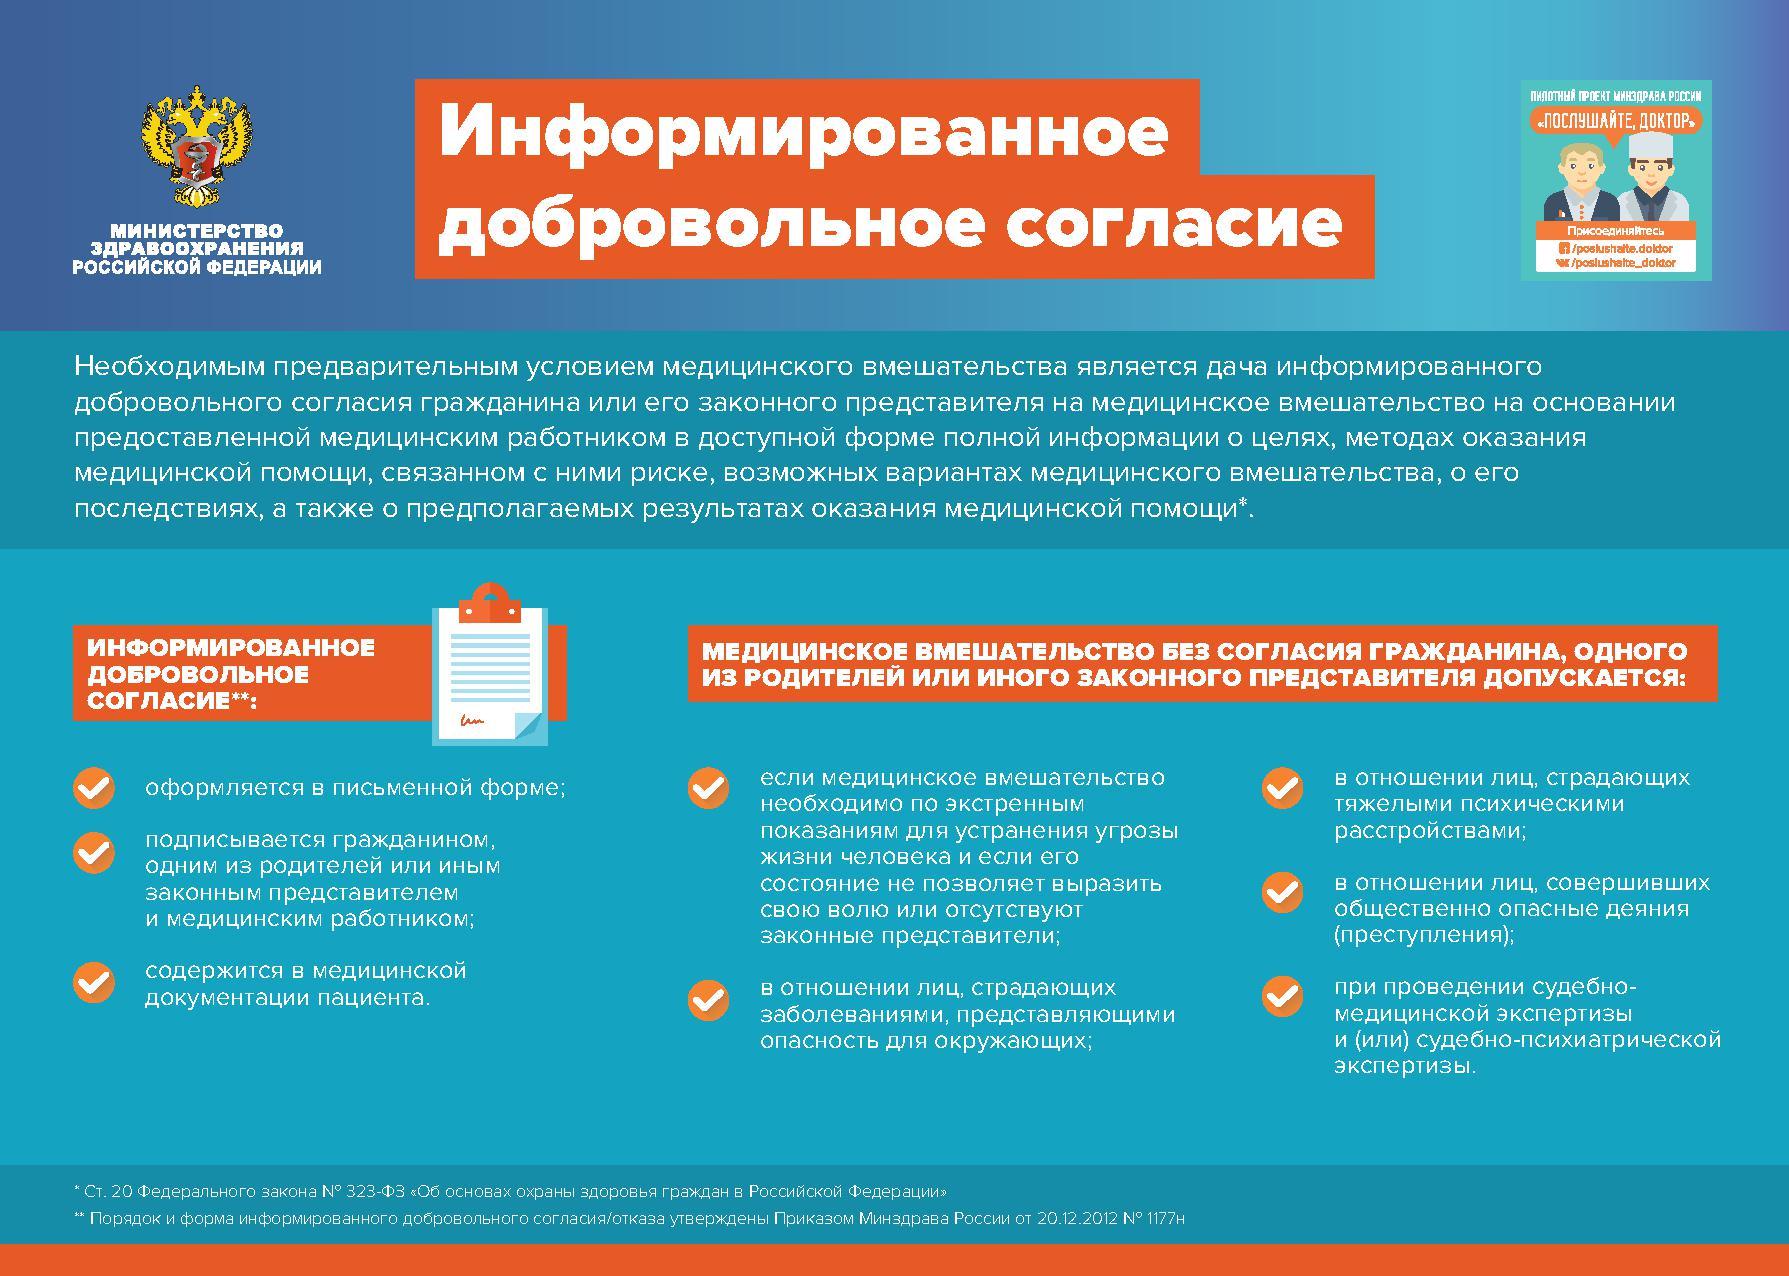 Инфографика МЗ РФ